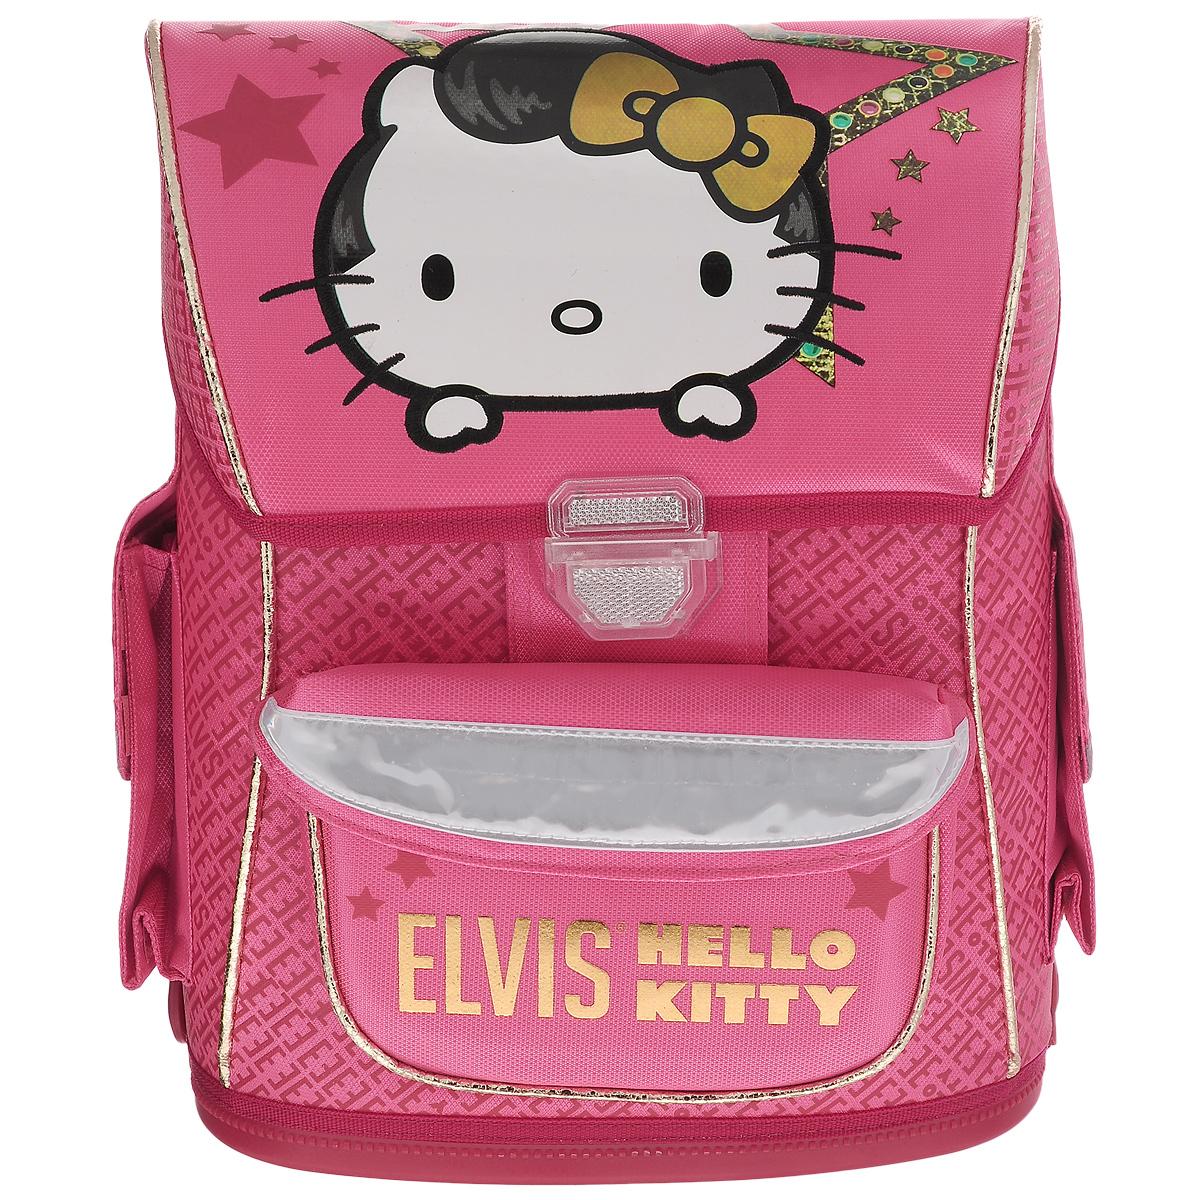 Ранец школьный Hello Kitty. Elvis, с наполнением, цвет: розовый, белыйNSn_00331Школьный ранец Hello Kitty выполнен из современного легкого и прочного материала ярко-розового цвета, дополненный яркими аппликациями с кошечкой Kitty. Ранец имеет одно основное отделение, закрывающееся на клапан с замком-защелкой. Под крышкой расположен прозрачный пластиковый кармашек для расписания уроков, или для вкладыша с адресом и ФИО владельца. Внутри главного отделения имеется пришивной кармашек для мелочи и расположены два разделителя, предназначенные для размещения предметов без сложения, размером до формата А4 включительно. На лицевой стороне ранца расположен накладной карман на липучке. По бокам ранца размещены два дополнительных накладных кармана под клапанами, с липучкой. Рельеф спинки ранца разработан с учетом особенности детского позвоночника.Ранец оснащен петлей для подвешивания и двумя широкими лямками, регулируемой длины. Дно ранца полностью пластиковое. Многофункциональный школьный ранец станет незаменимым спутником вашего ребенка в походах за знаниями. В комплекте с ранцем идет наполнение: Альбом для рисования, формат 290х205, 20 листов; Тетрадь в клетку, 12 листов;Тетрадь в линейку, 12 листов; Дневник школьный; Набор фломастеров, 12 шт; Карандаш чернографитный, с ластиком, 3 шт. Весь товар из наполнения с изображениями кошечки Kitty.